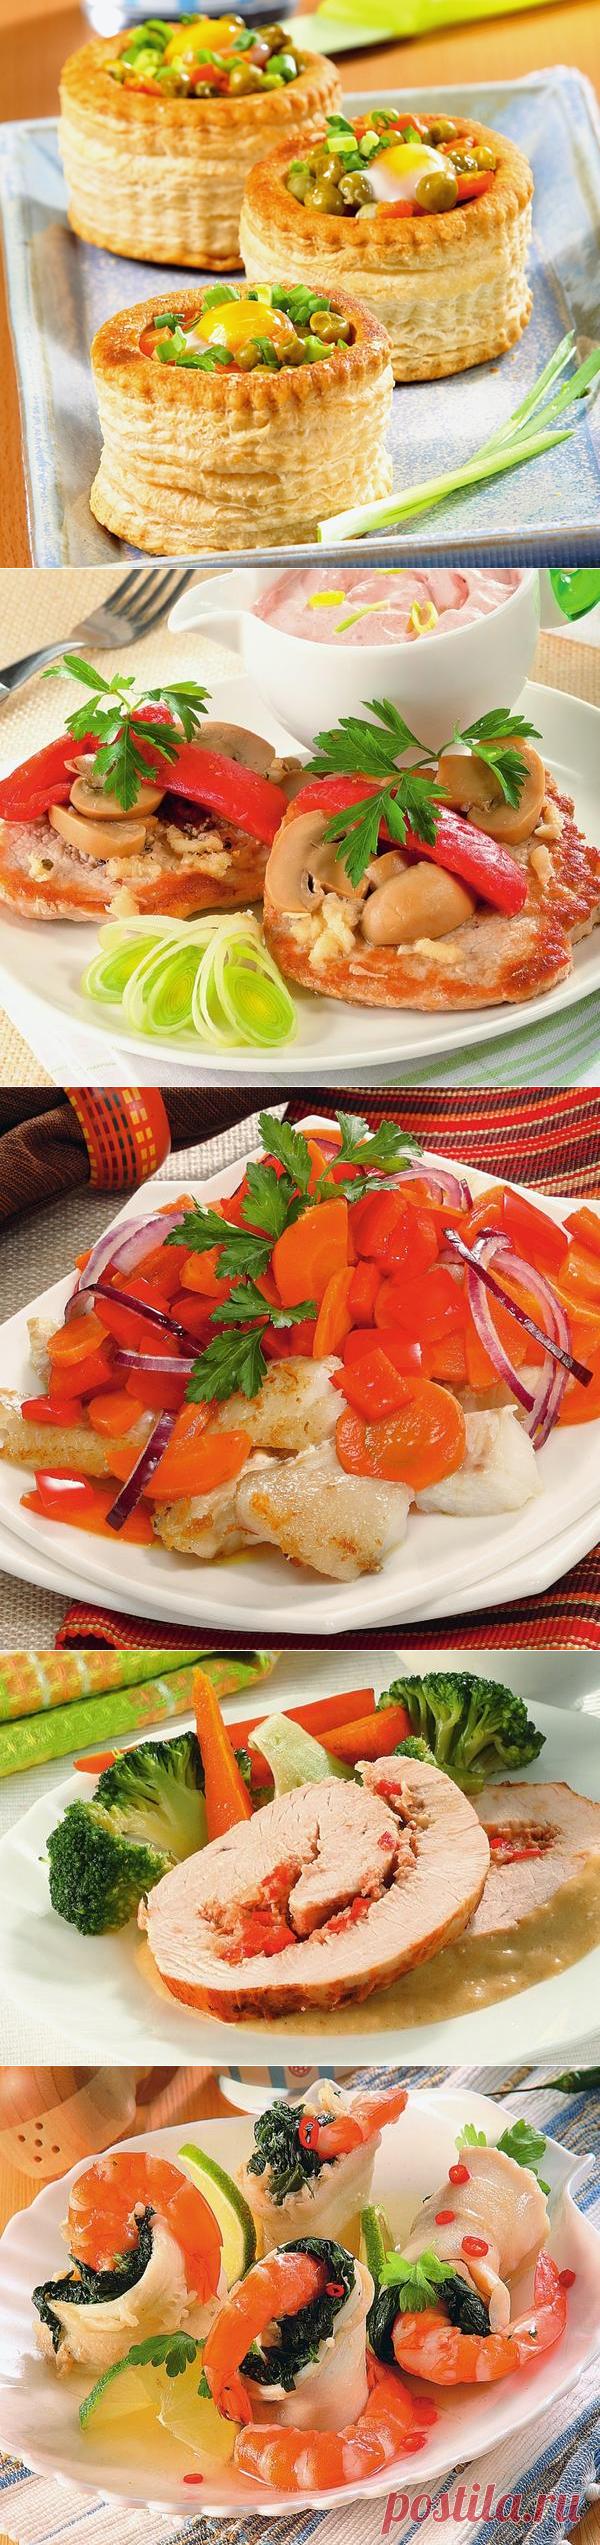 11 рецептов легких и быстрых закусок к новогоднему столу - Советы и Рецепты